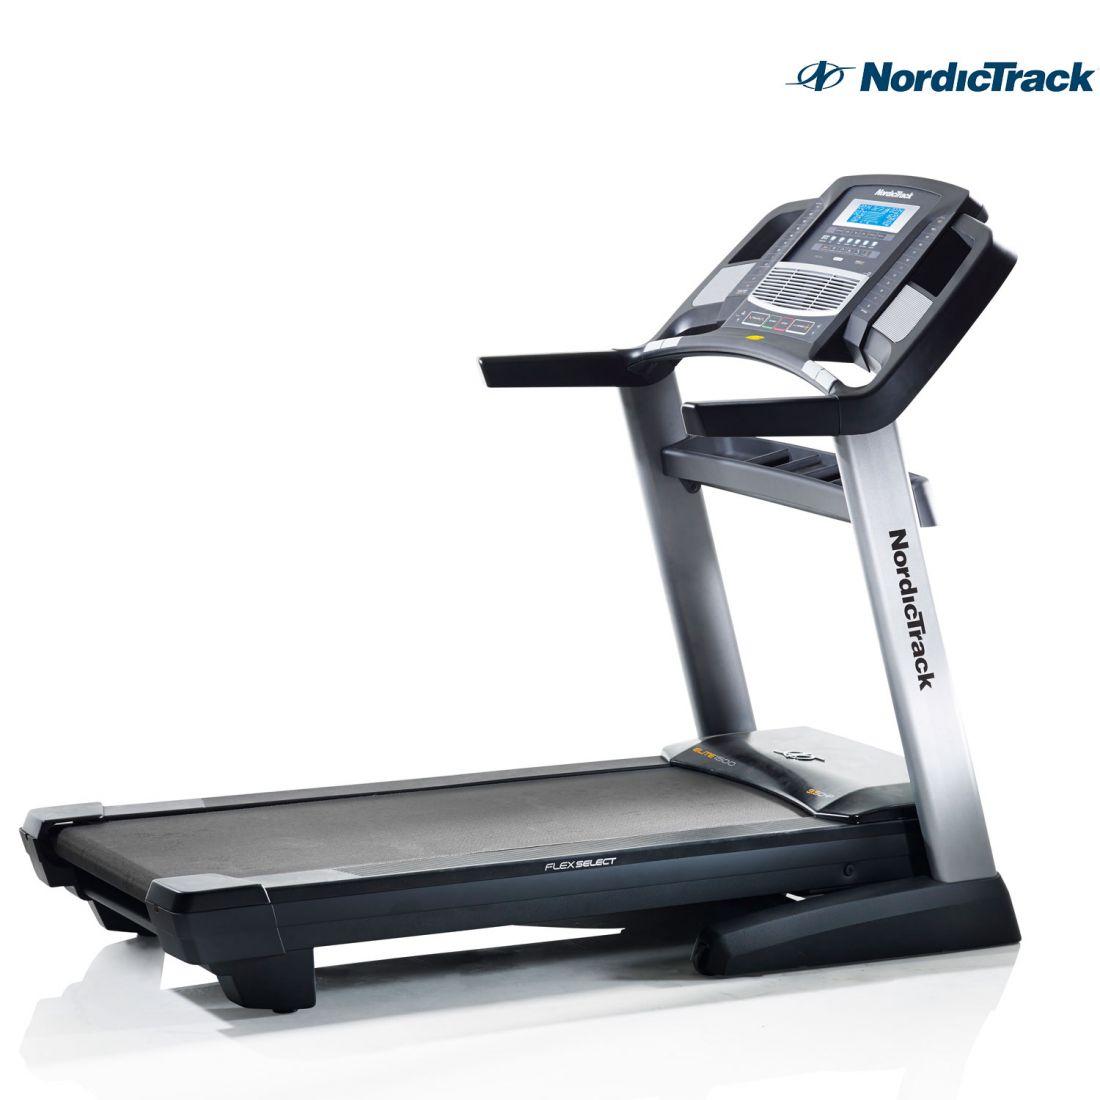 Электрическая беговая дорожка - NordicTrack Elite 1500